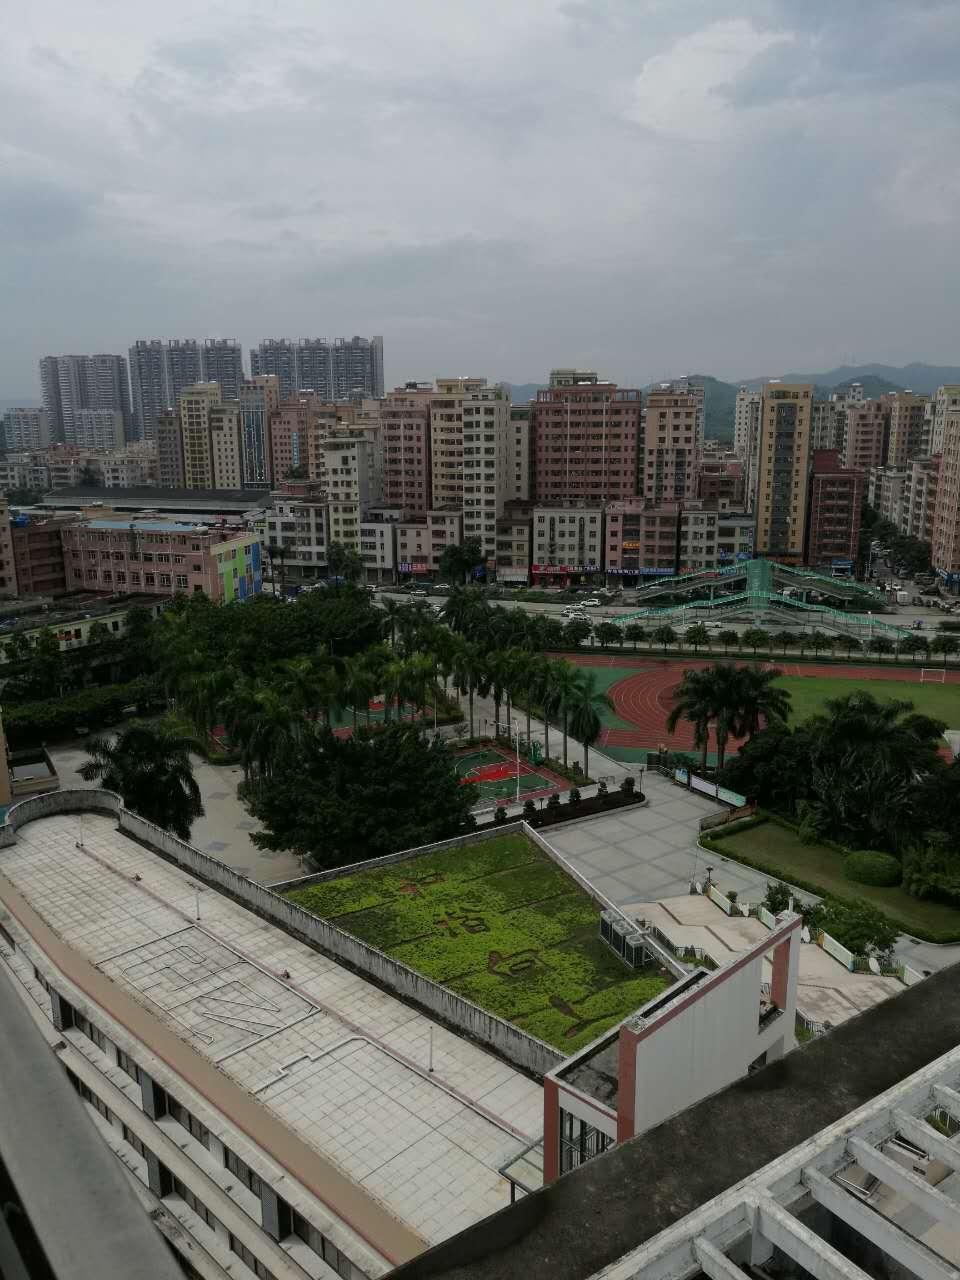 深圳公明楼村小产权房新开盘对外发售,3600元/㎡起 房价 新闻 跳蚤市场 二房二厅 第7张